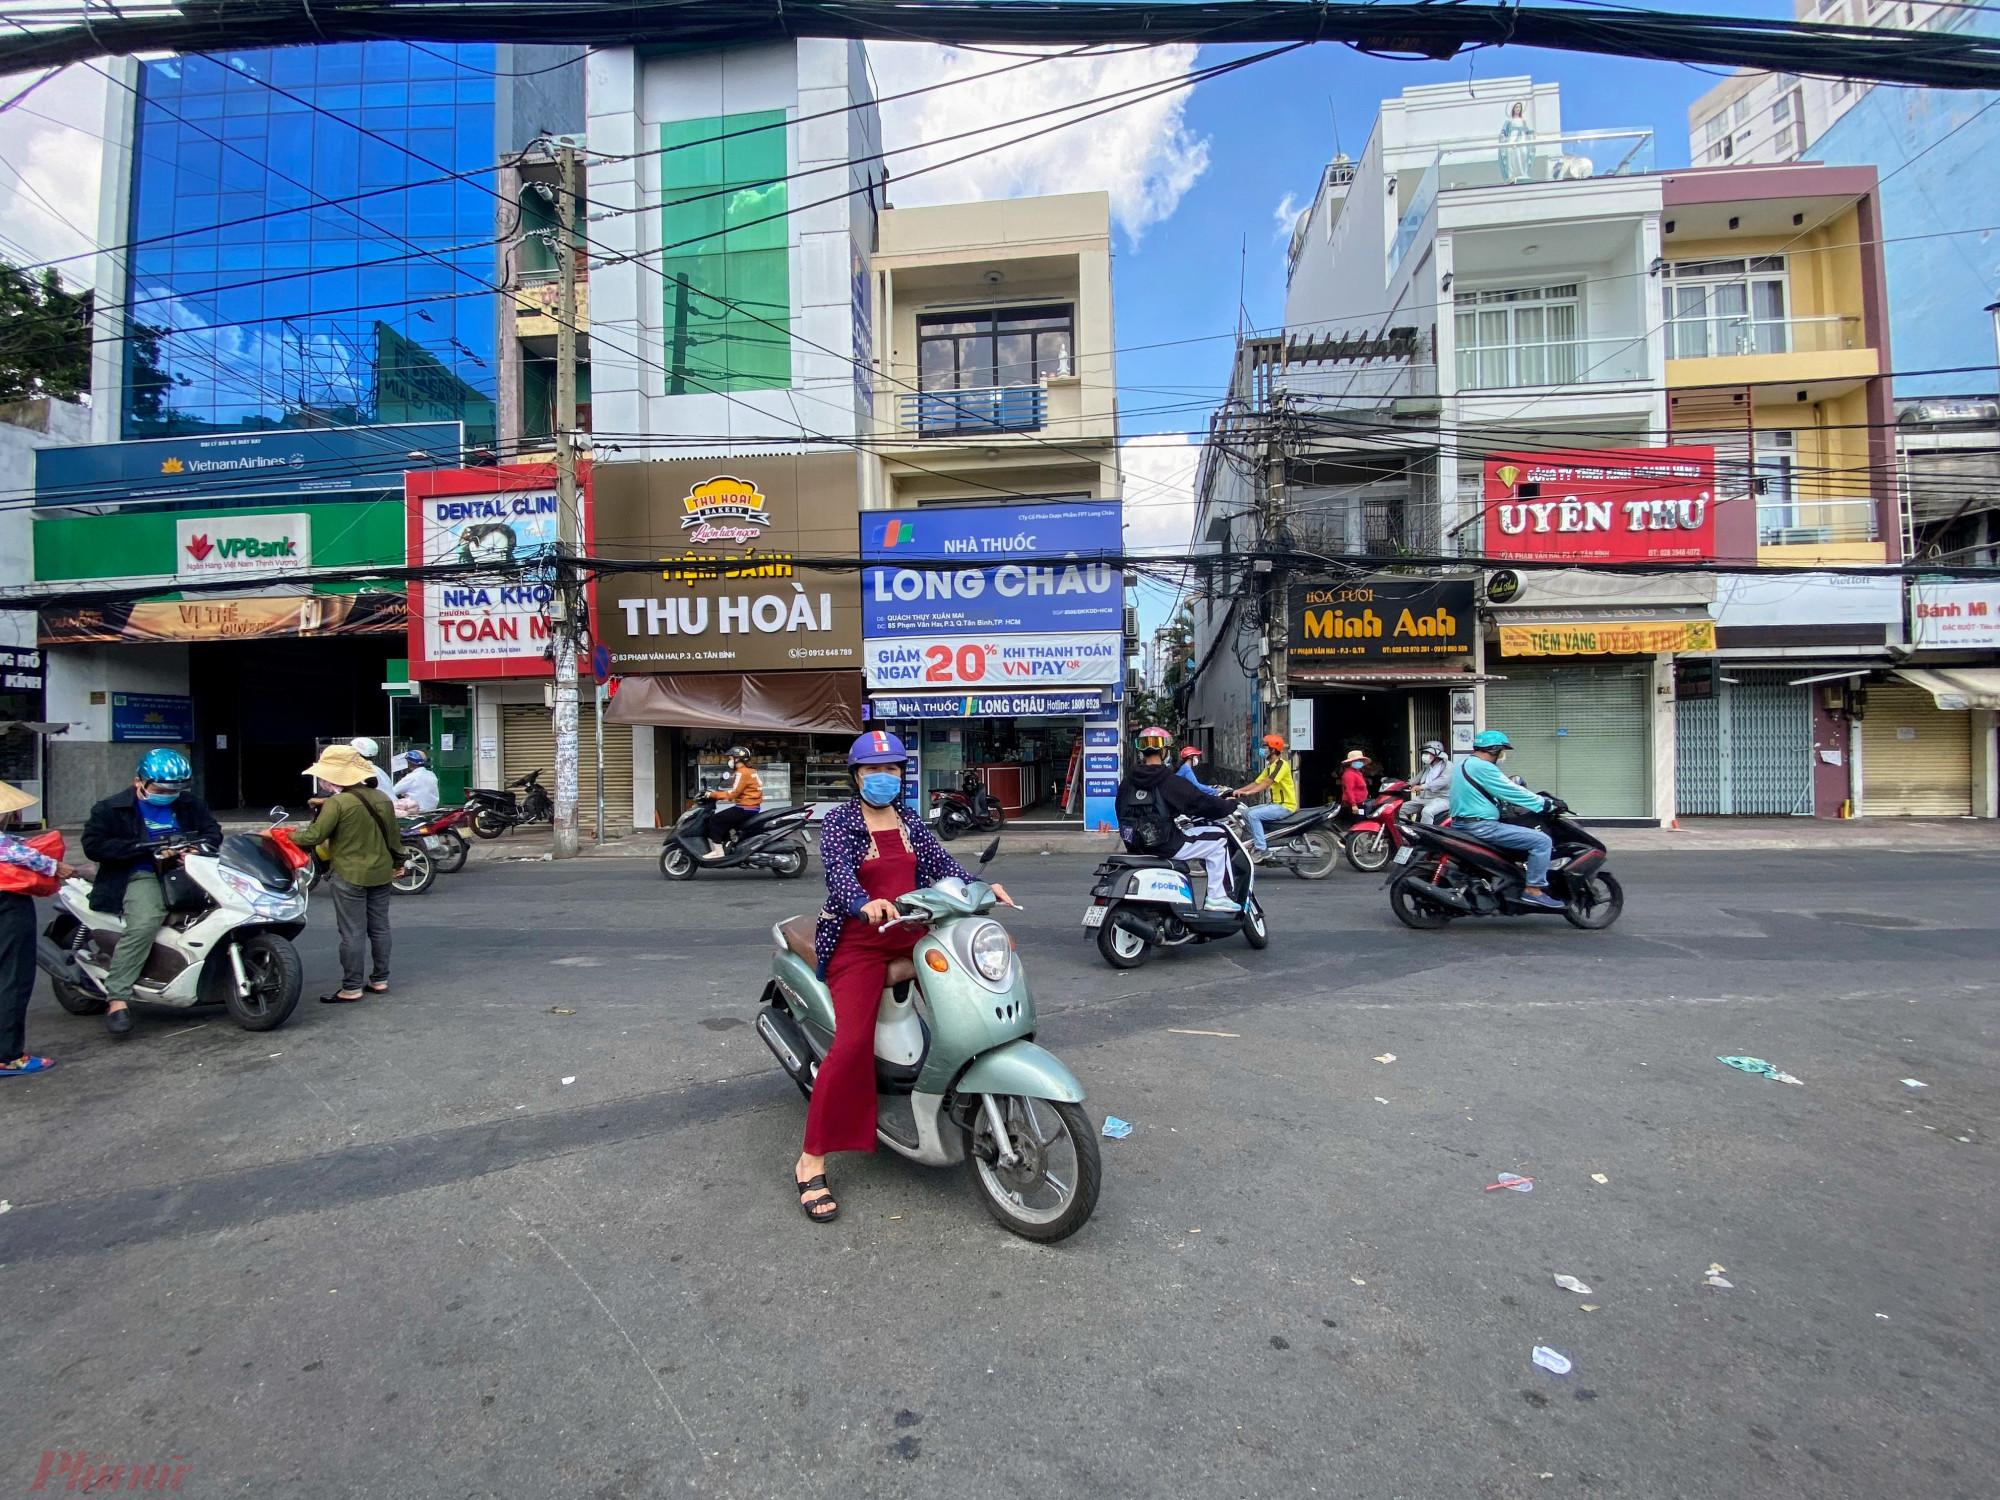 Một  số  người  dân  quen  đi chợ, mua  hàng  chưa  biết thông tin phong toả tỏ ra khá bất ngờ, tìm  kiếm  một  khu  chợợ, siêu  thị  khác lân cậnn.